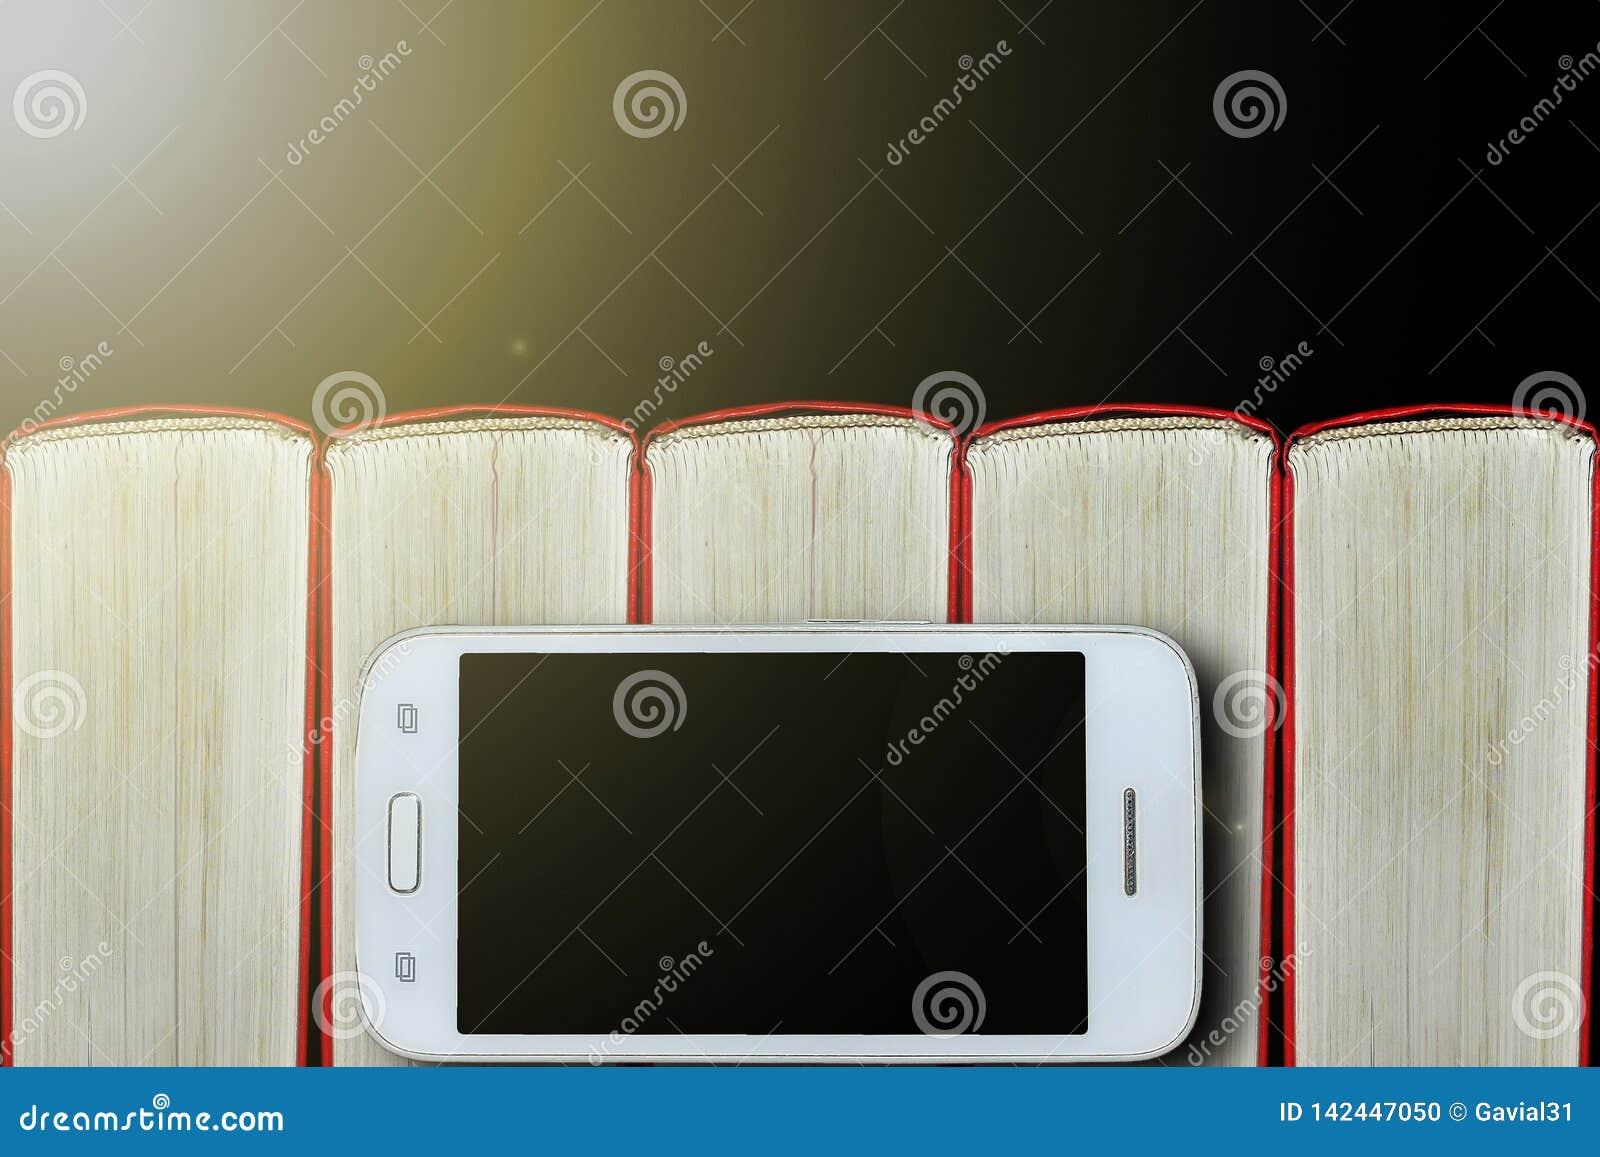 Smartphone auf dem Hintergrund von Büchern Dunkler Hintergrund, Exemplarplatz Konzept: Bücher und elektronische Geräte